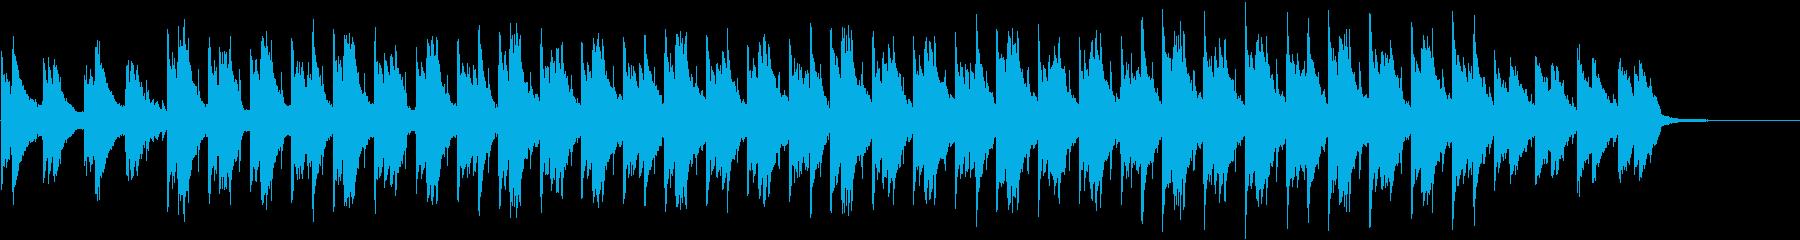 幻想的でギターのアンビエントチルアウトの再生済みの波形